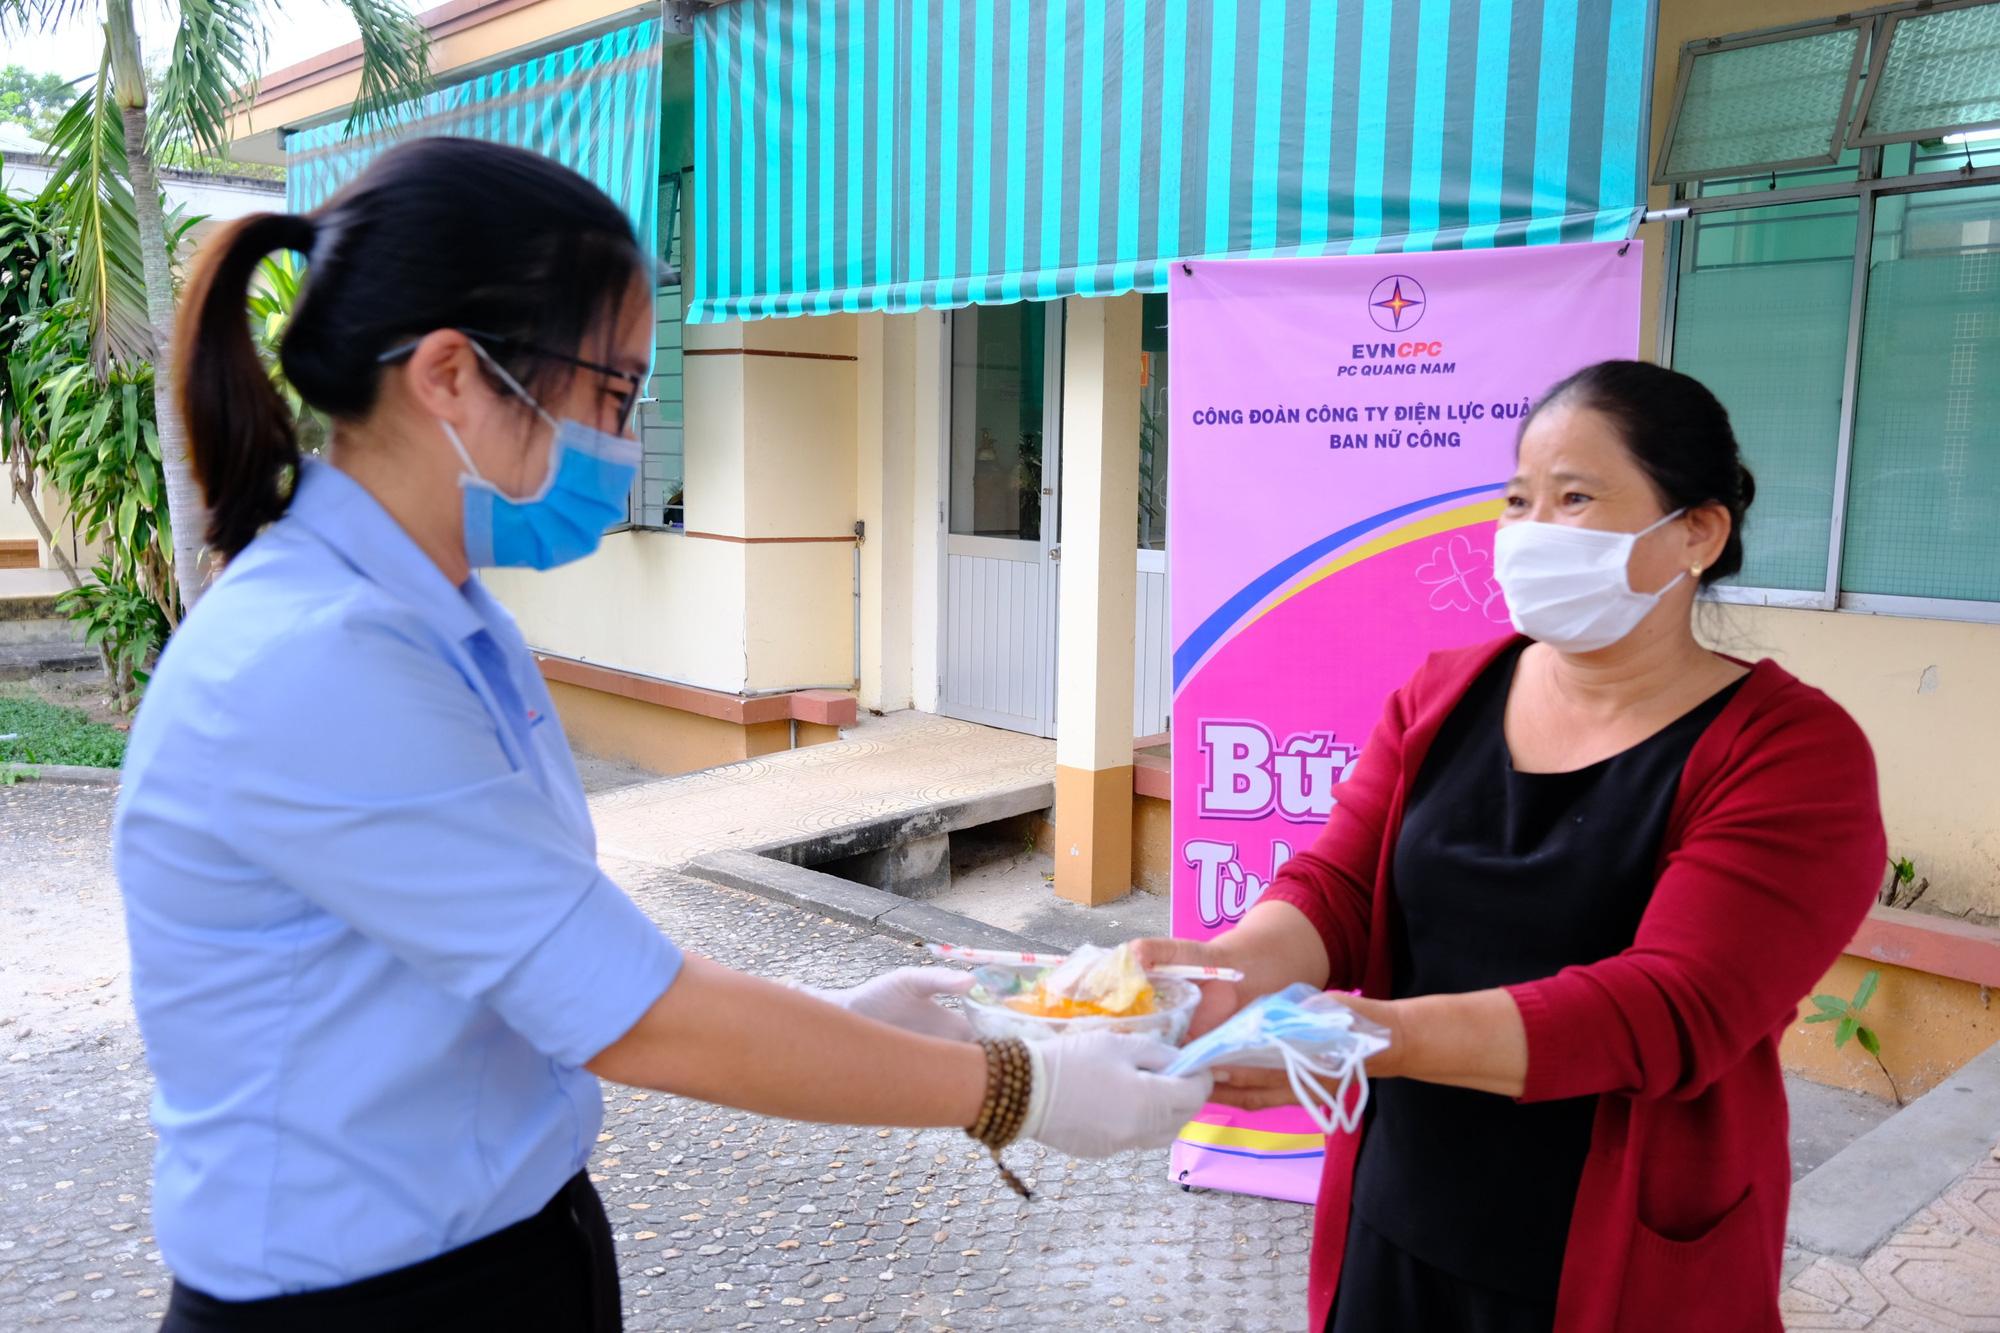 Quảng Nam: Công ty Điện lực trao 250 suất ăn cho bệnh nhân nghèo nhân ngày kỷ niệm phụ nữ 8/3 - Ảnh 2.